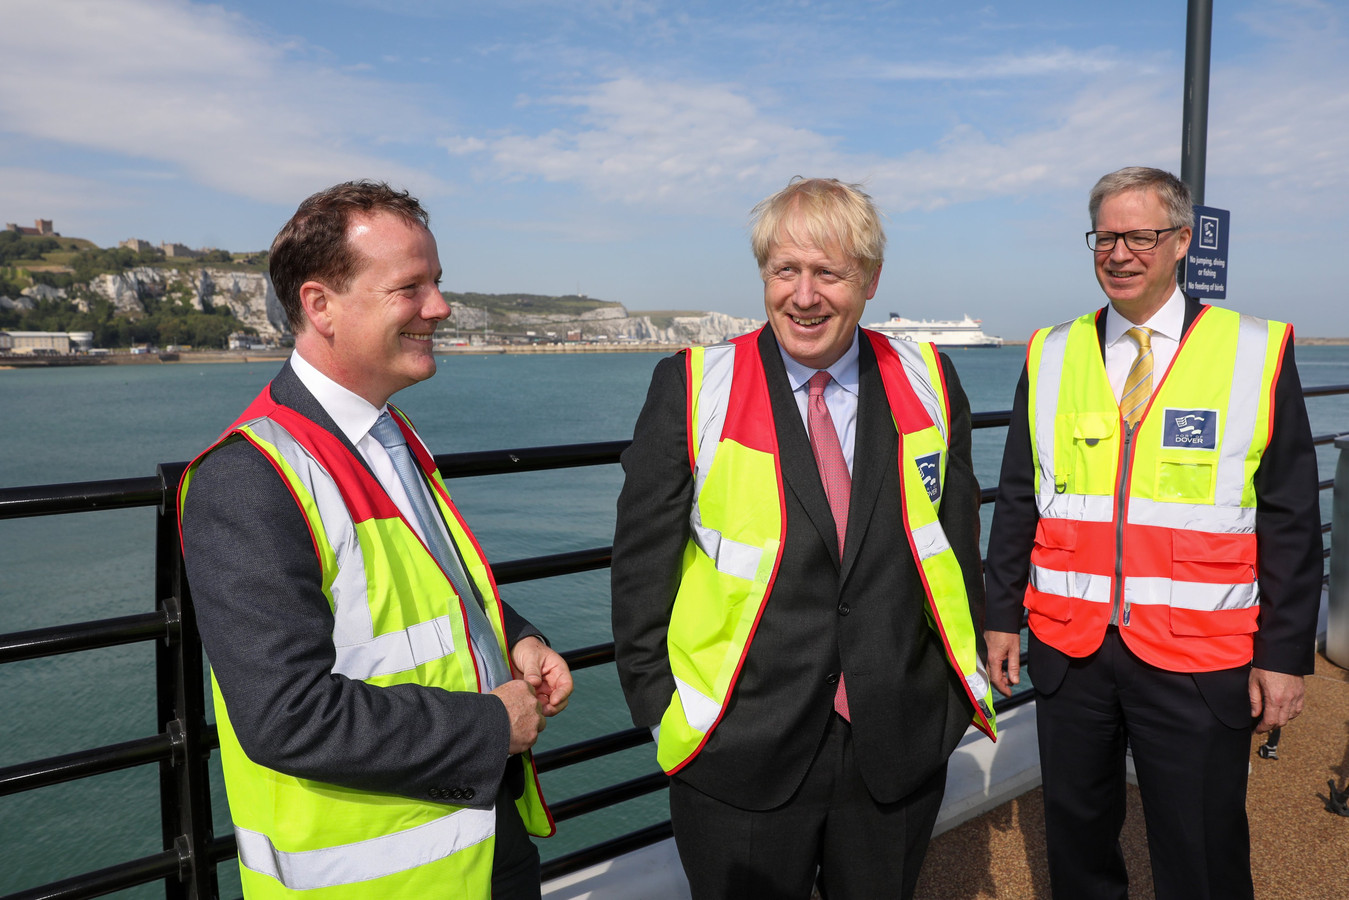 Charlie Elphicke (à gauche) avec le Premier ministre Boris Johnson